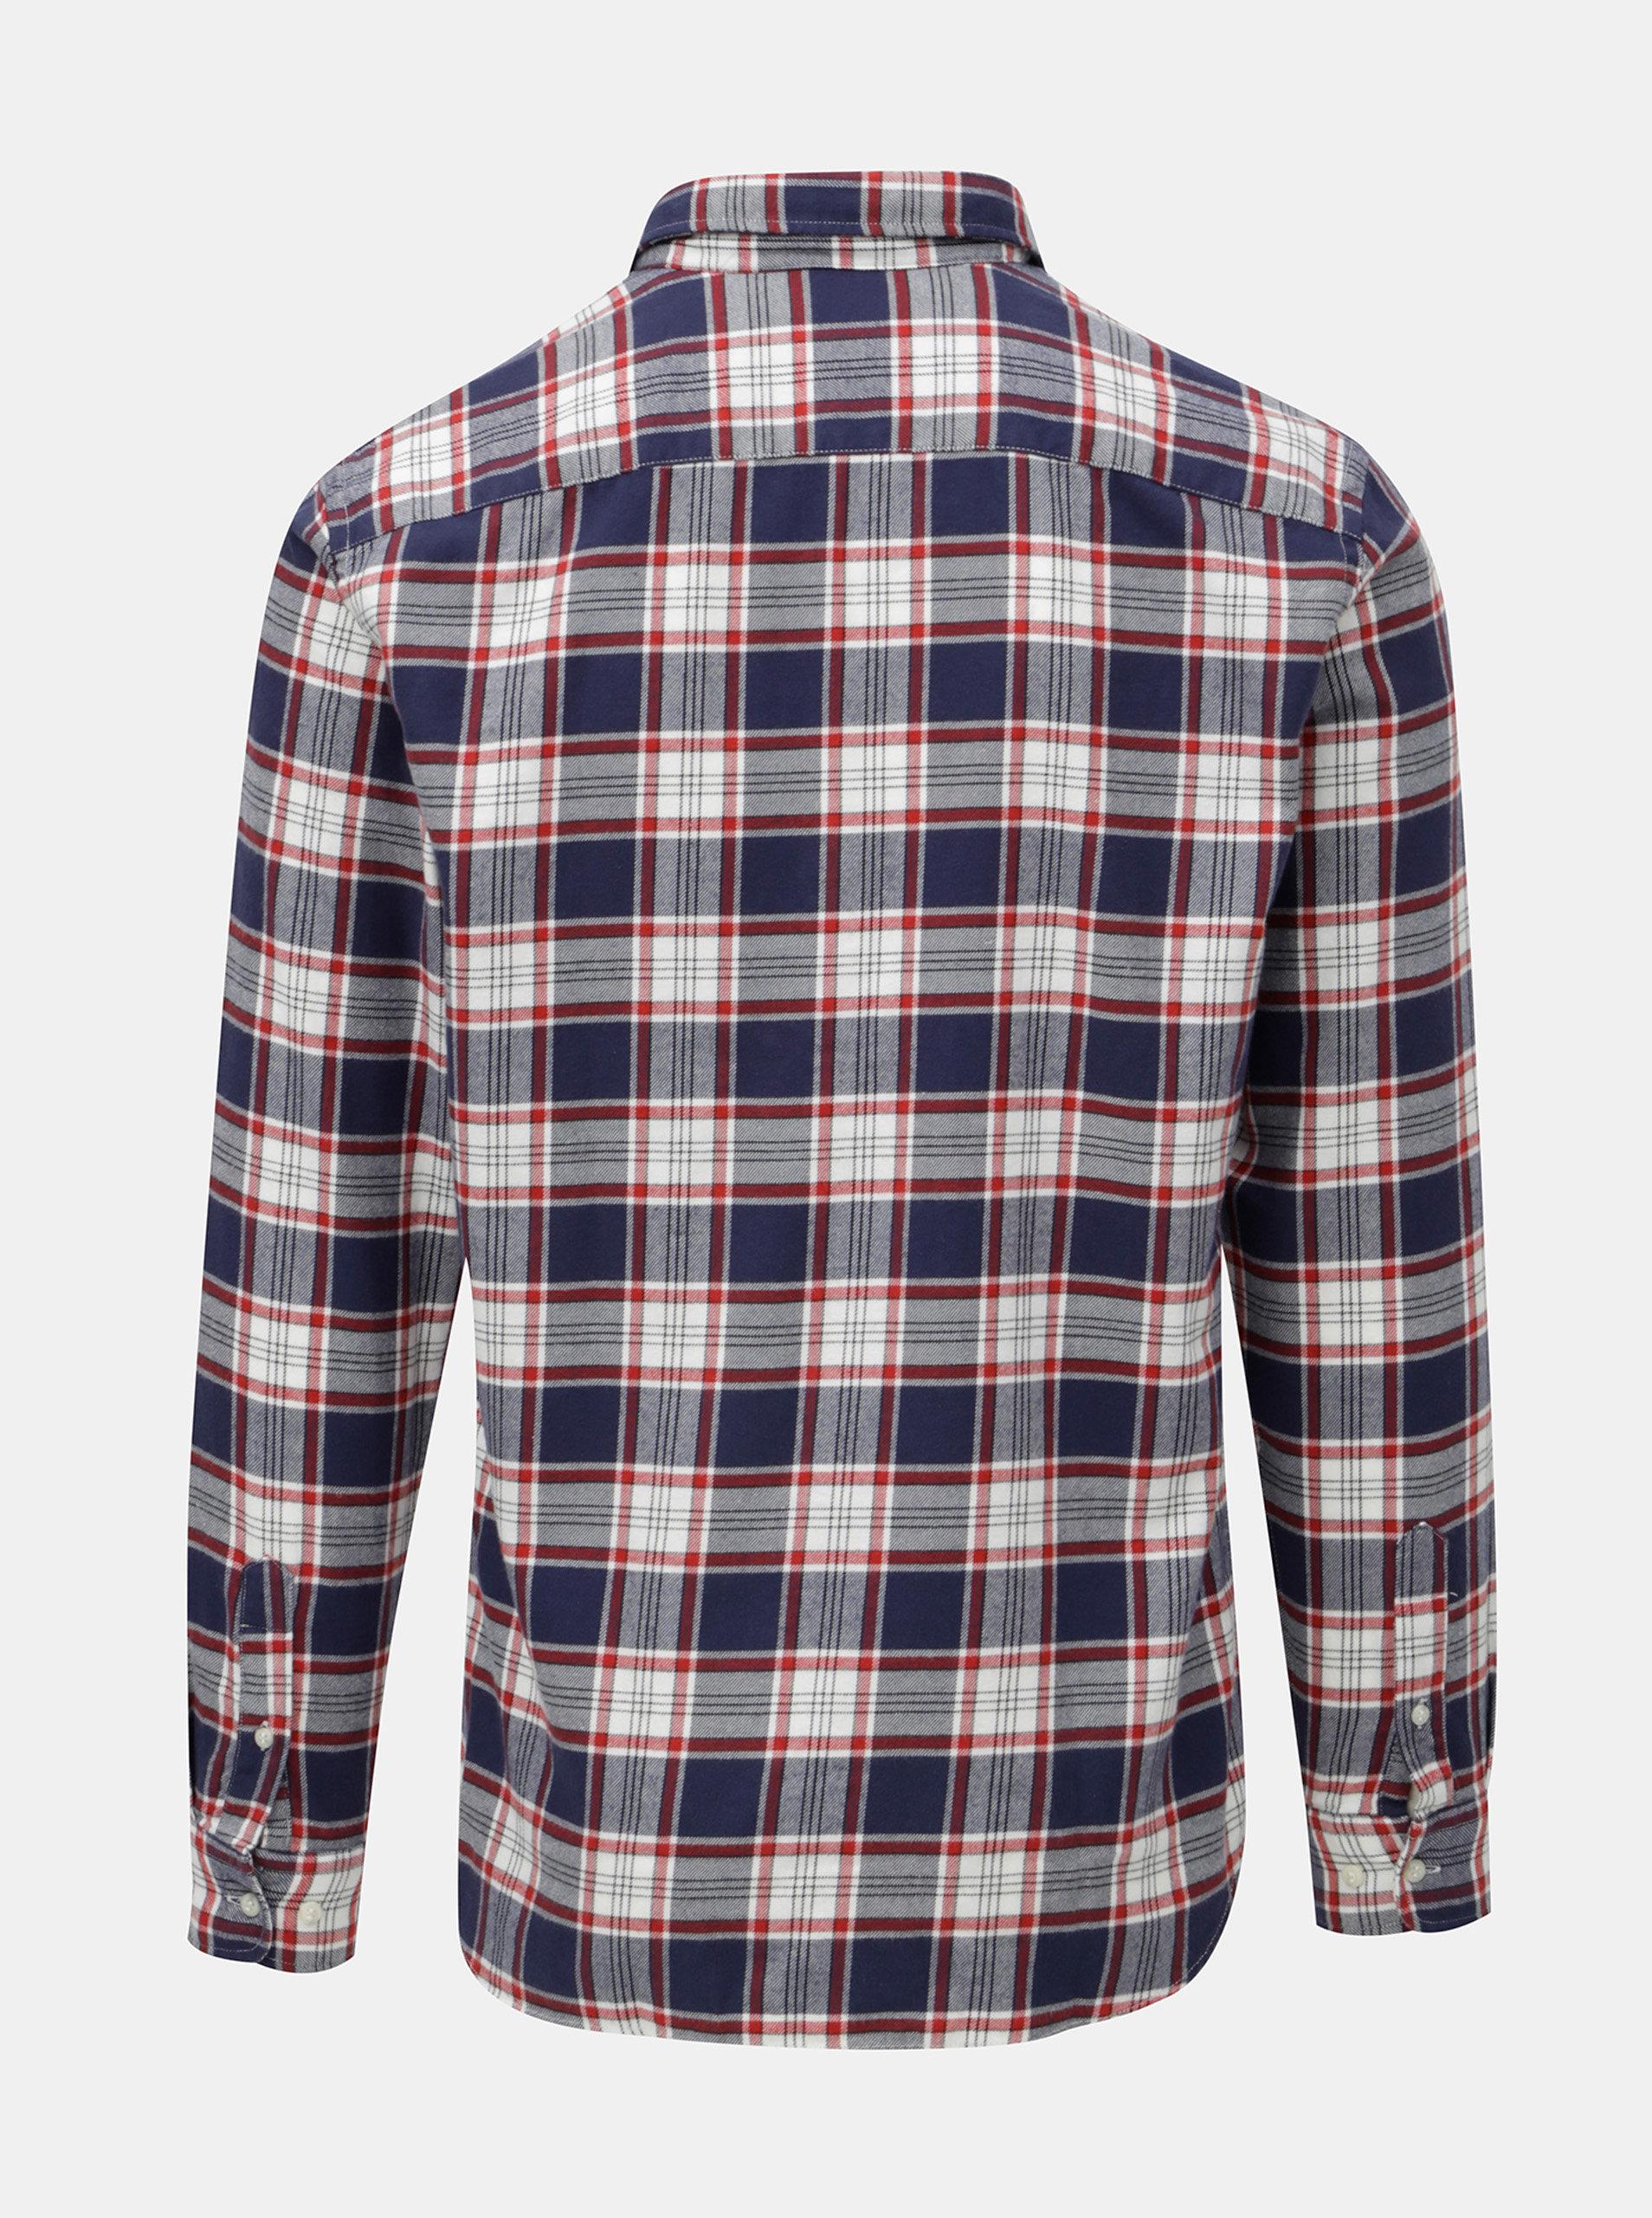 99ceff2fb6 Červeno–modrá károvaná košeľa Jack   Jones Carrick ...